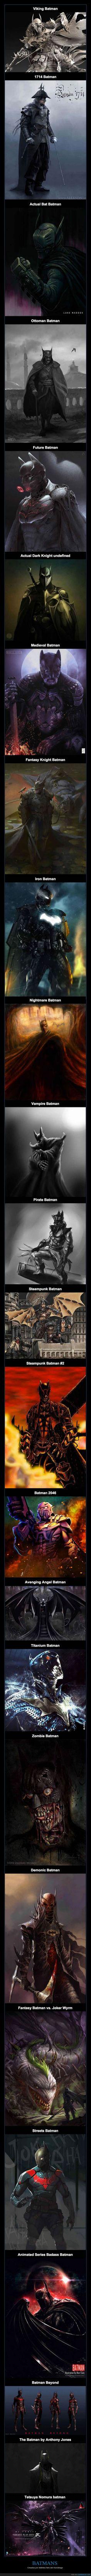 Espectacular Fan Art de Batman - Creados por distintos fans del murciélago   Gracias a http://www.cuantarazon.com/   Si quieres leer la noticia completa visita: http://www.estoy-aburrido.com/espectacular-fan-art-de-batman-creados-por-distintos-fans-del-murcielago/